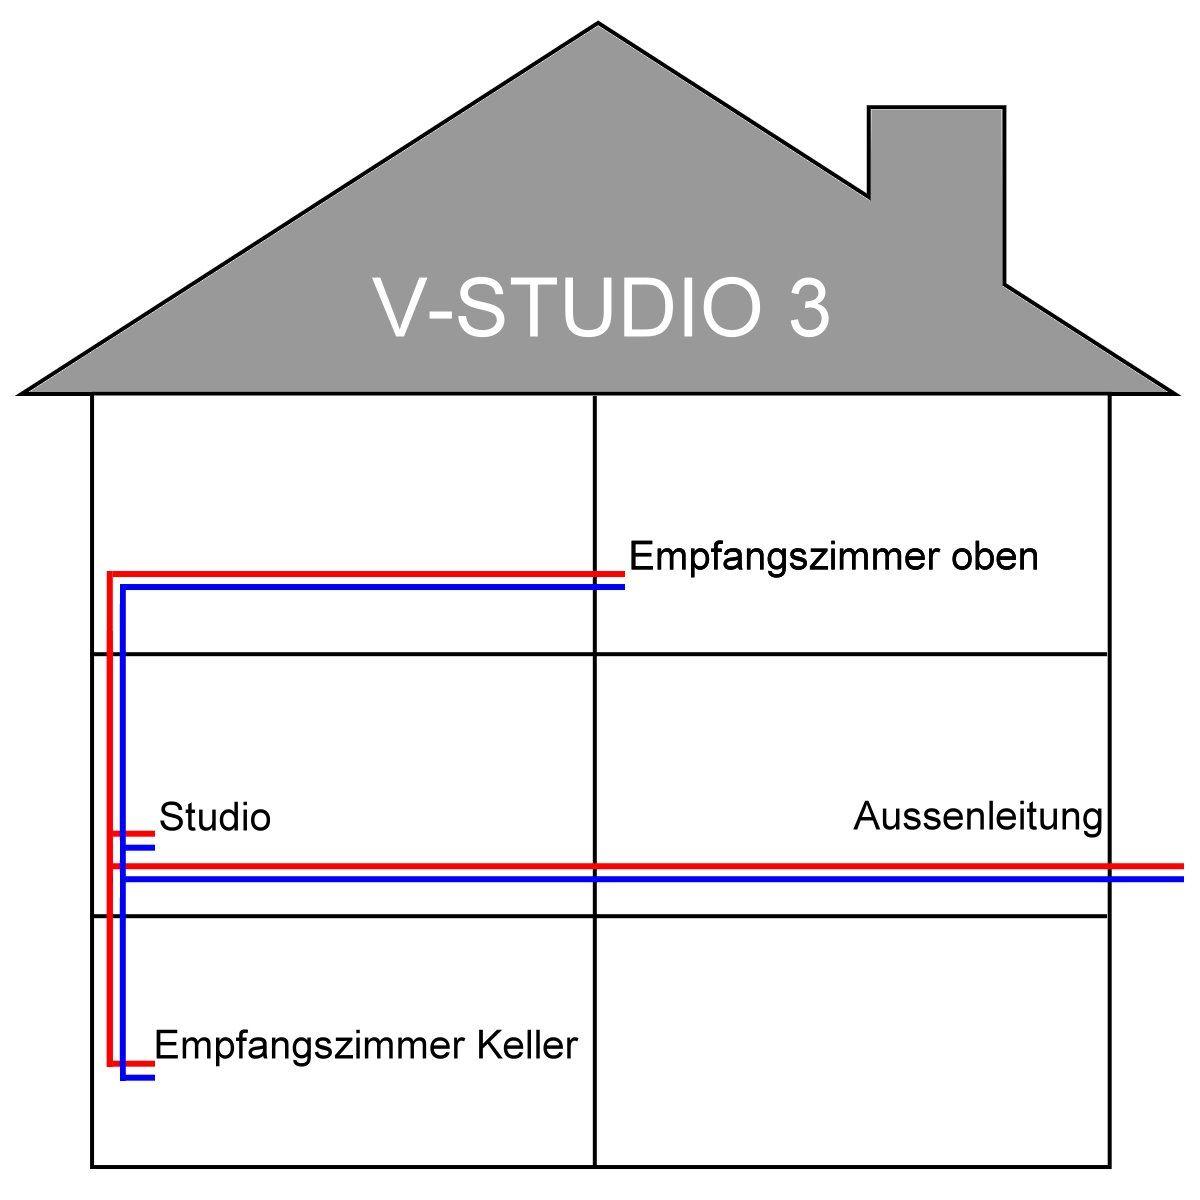 Atemberaubend Wie Viel Um Einen Keller Zu Verkabeln Galerie - Die ...